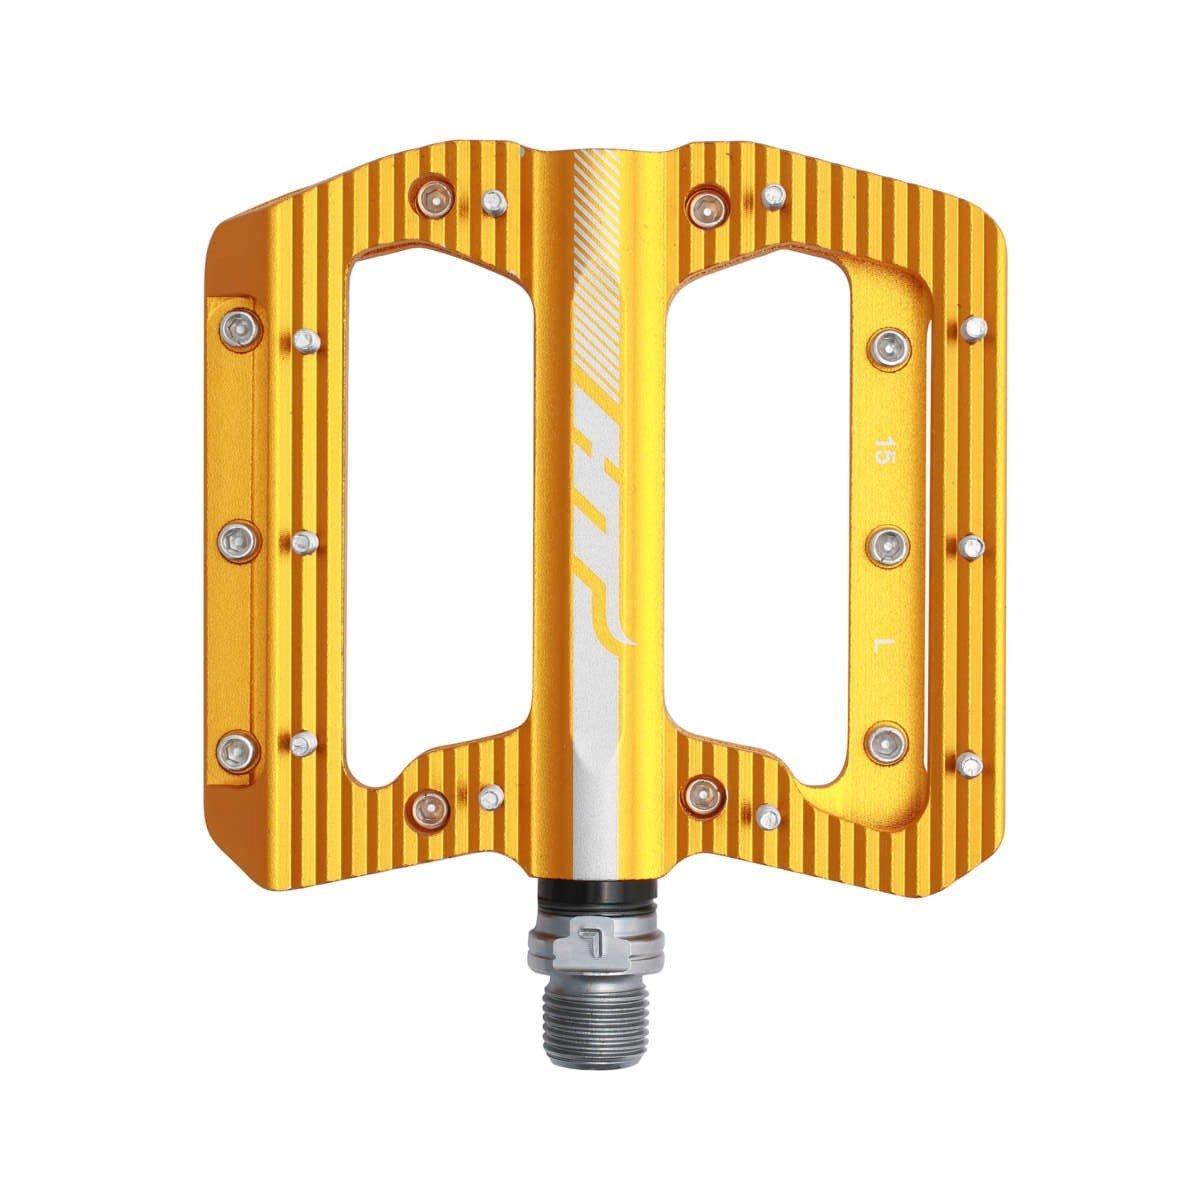 Педали велосипедные HT ANS01, золотой, ANS01110101